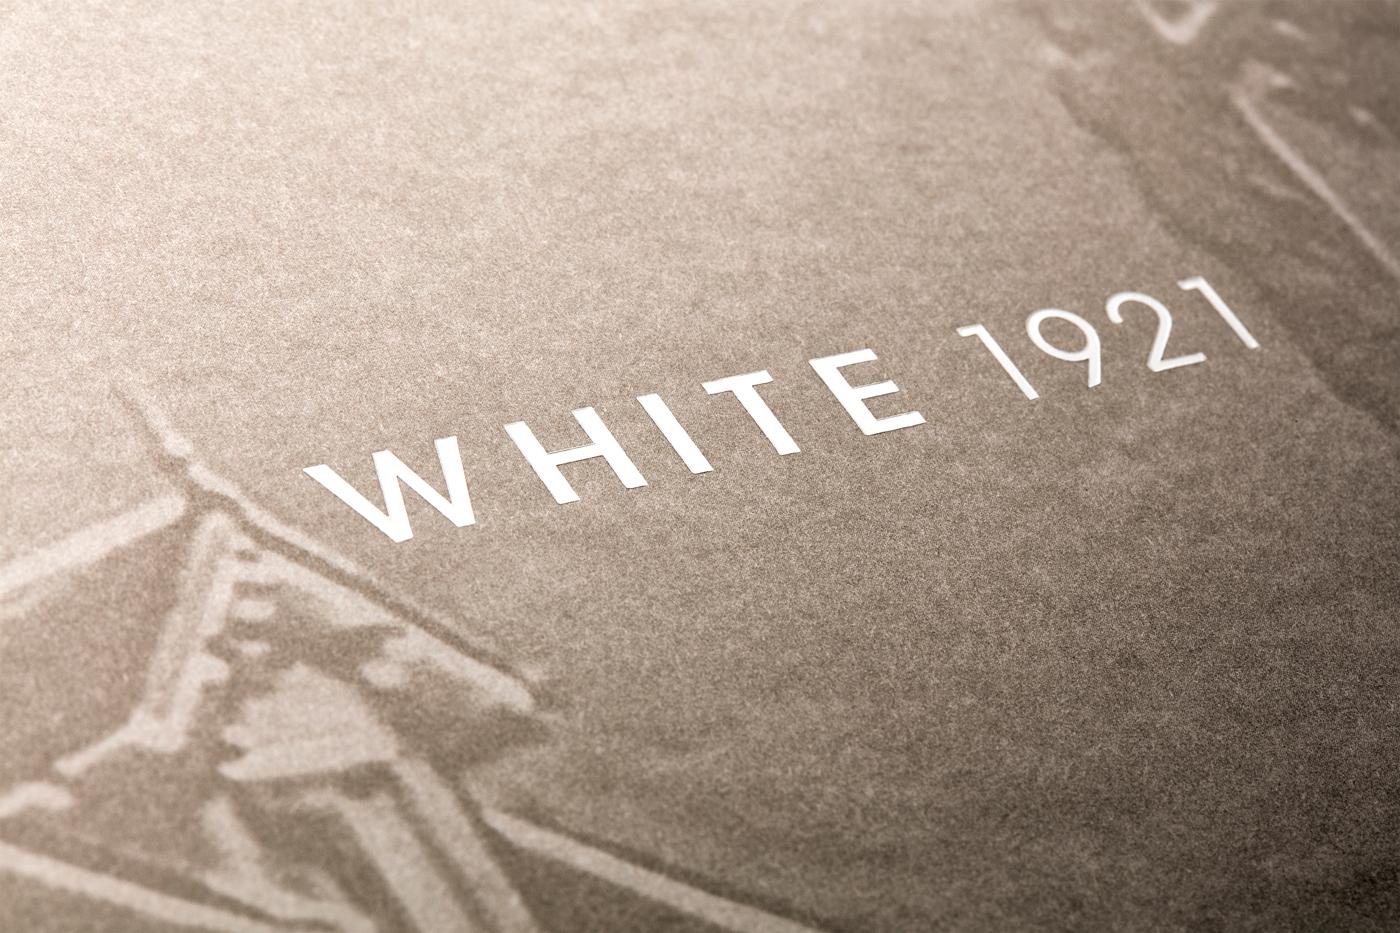 White 1921 - Un design pensé par l'agence de design de Paris Partisan du Sens.